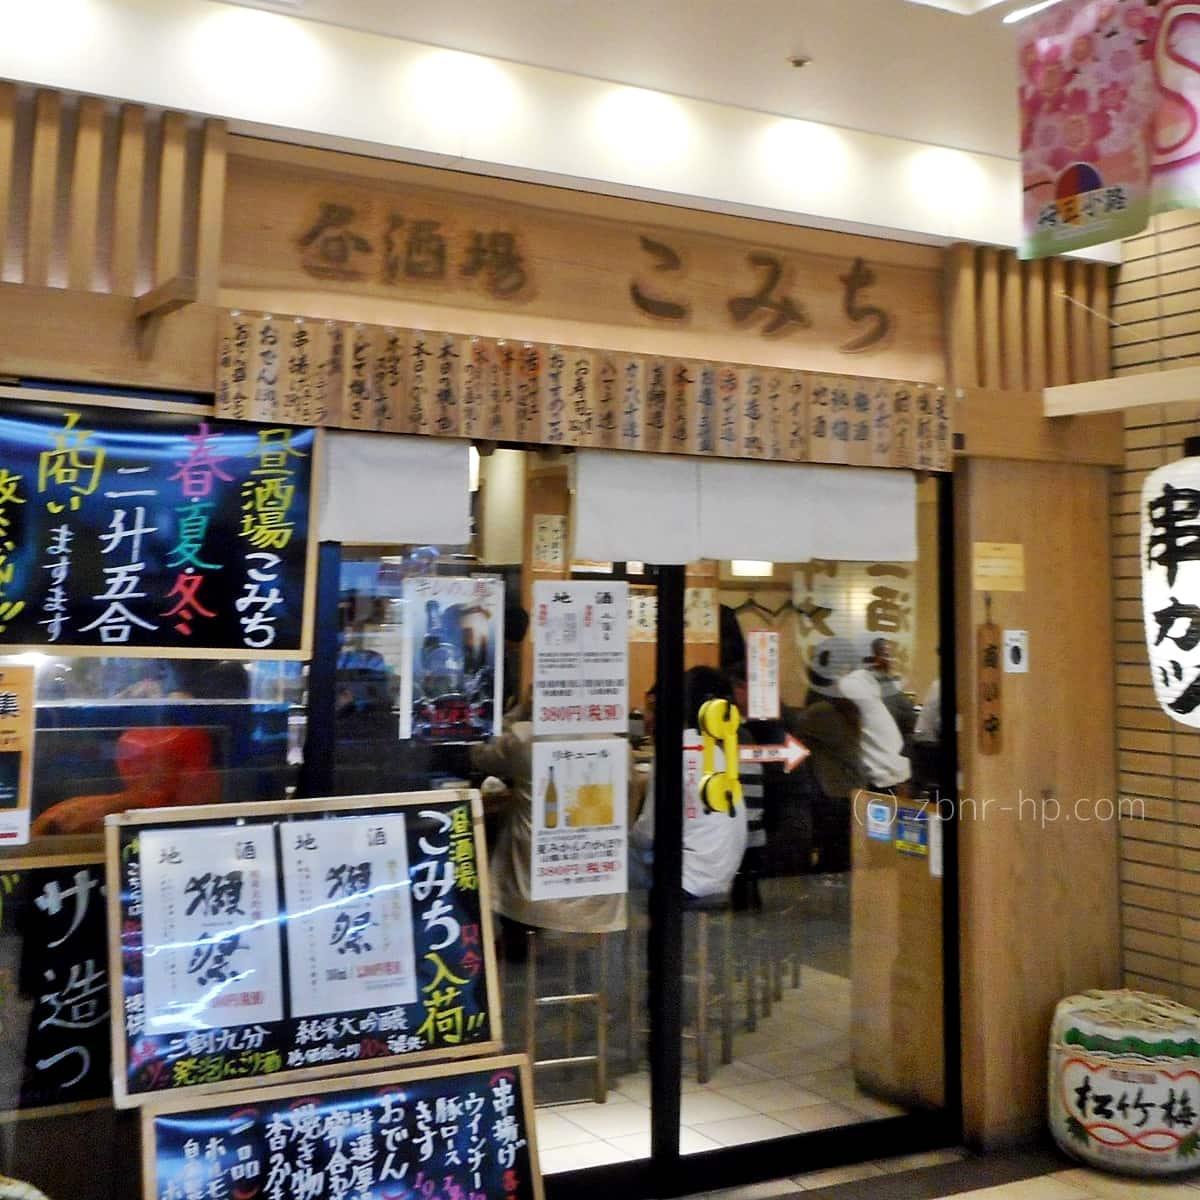 居酒屋こみち梅三小路で昼酒。限定の酔ってってセット。JR大阪